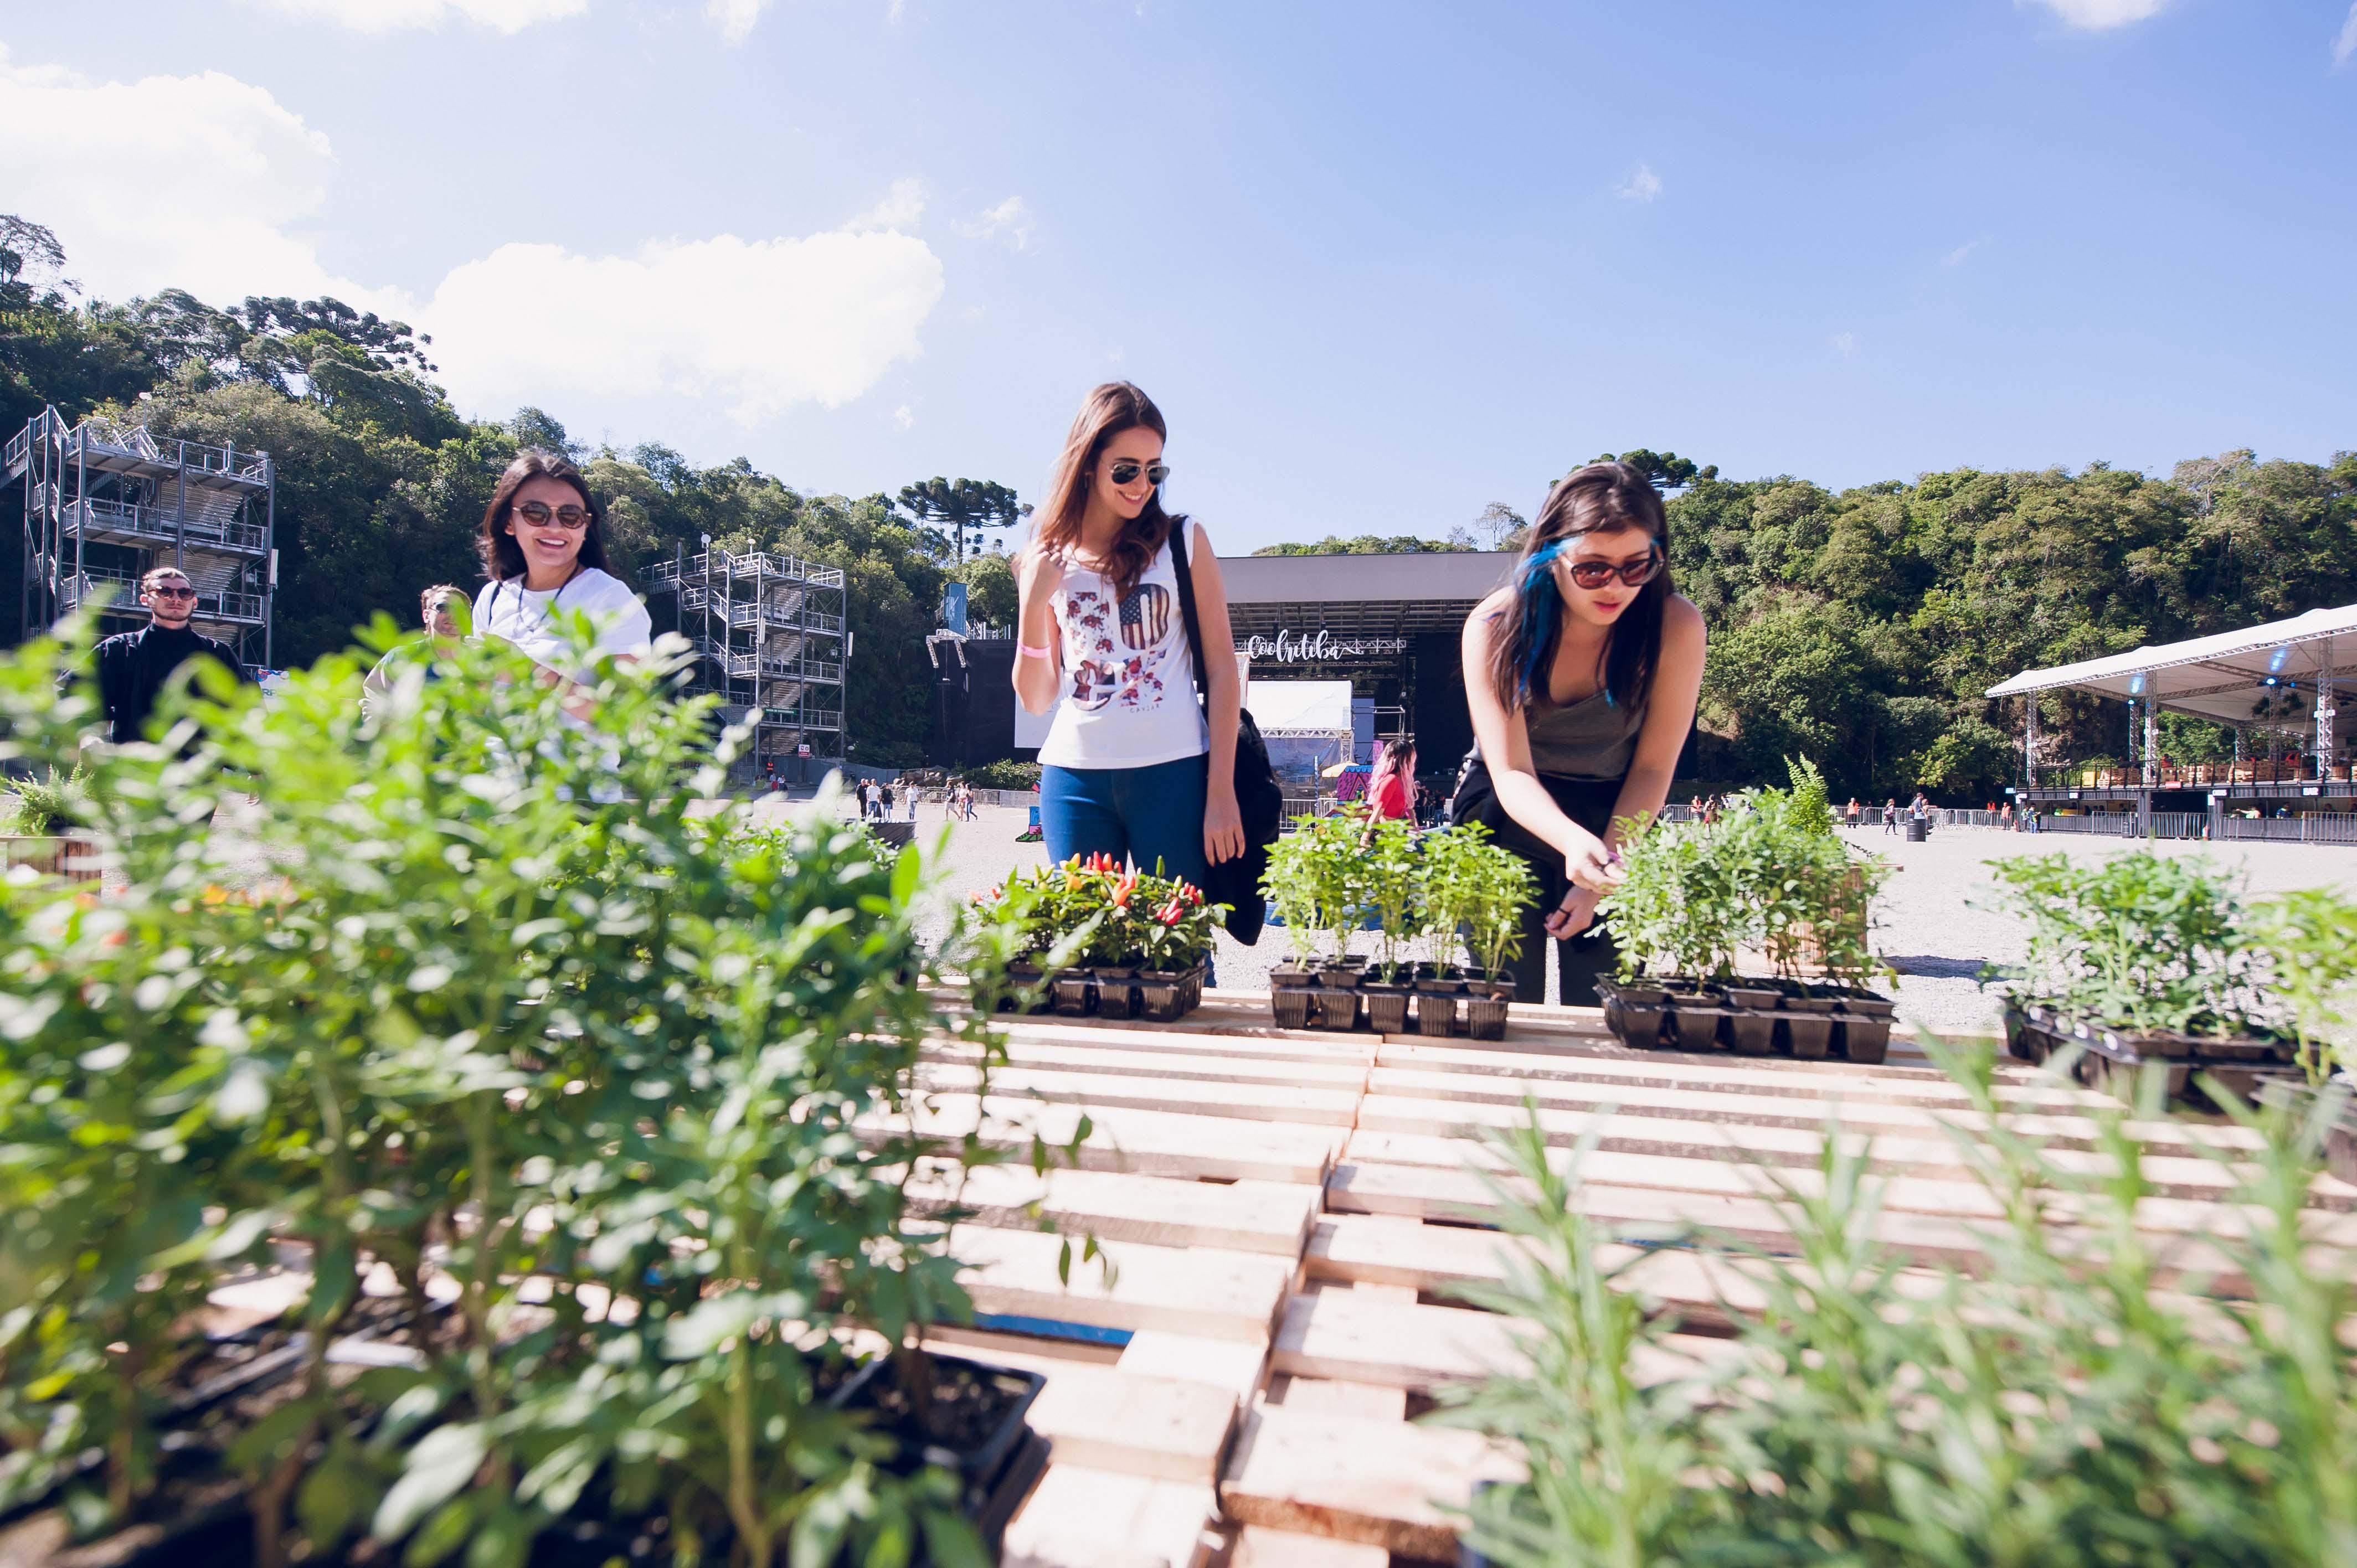 Teve espaço para a sustentabilidade no primeiro Coolritiba